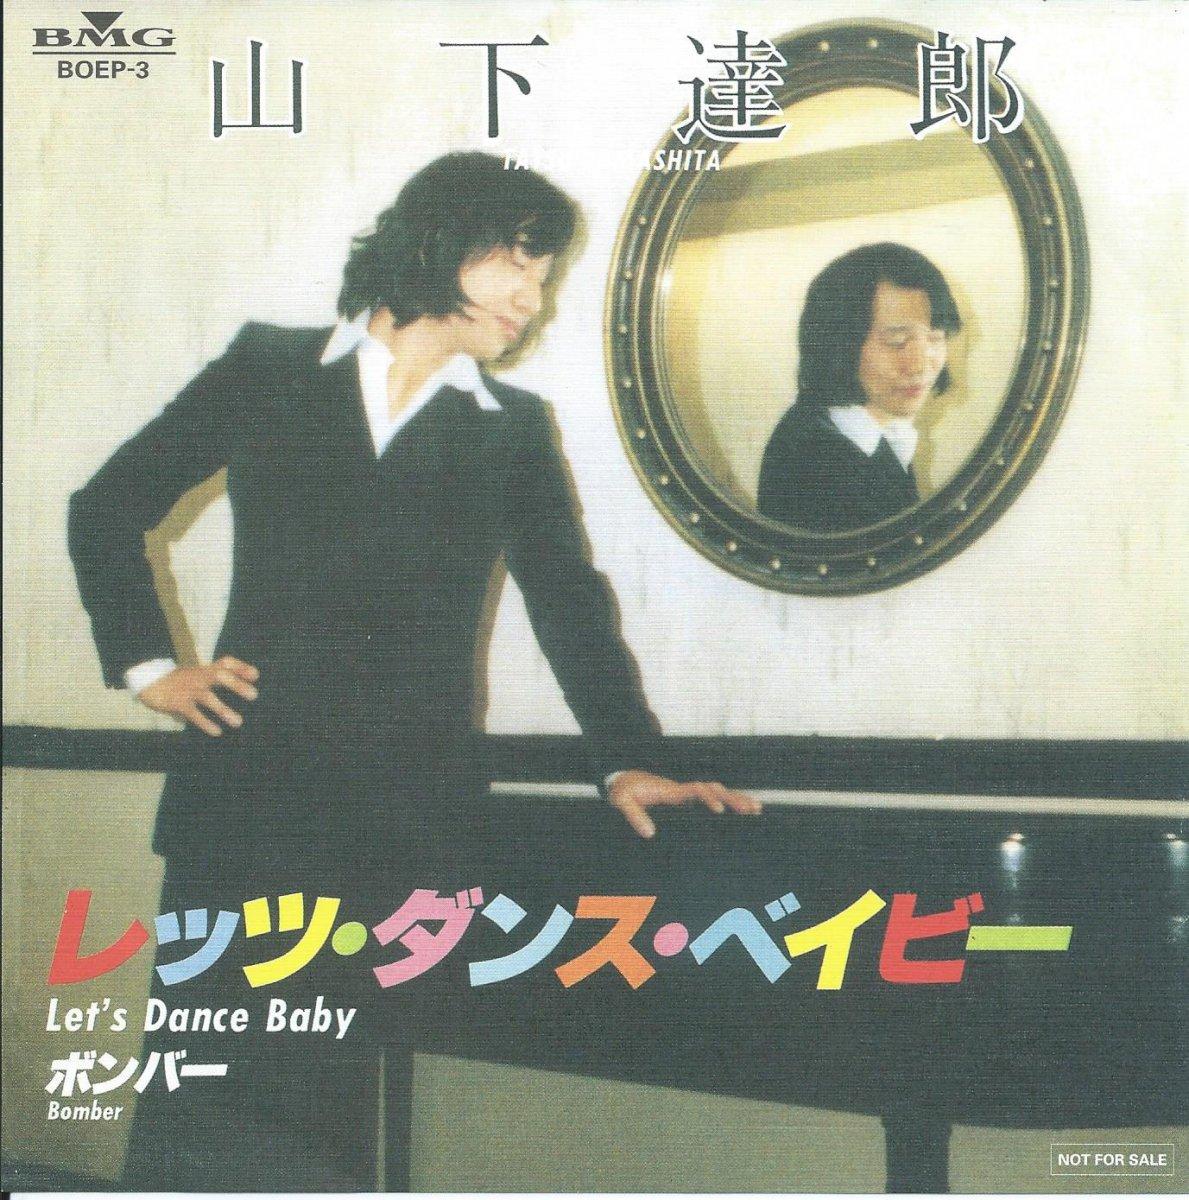 山下達郎 TATSURO YAMASHITA / レッツ・ダンス・ベイビー LET'S DANCE BABY (7